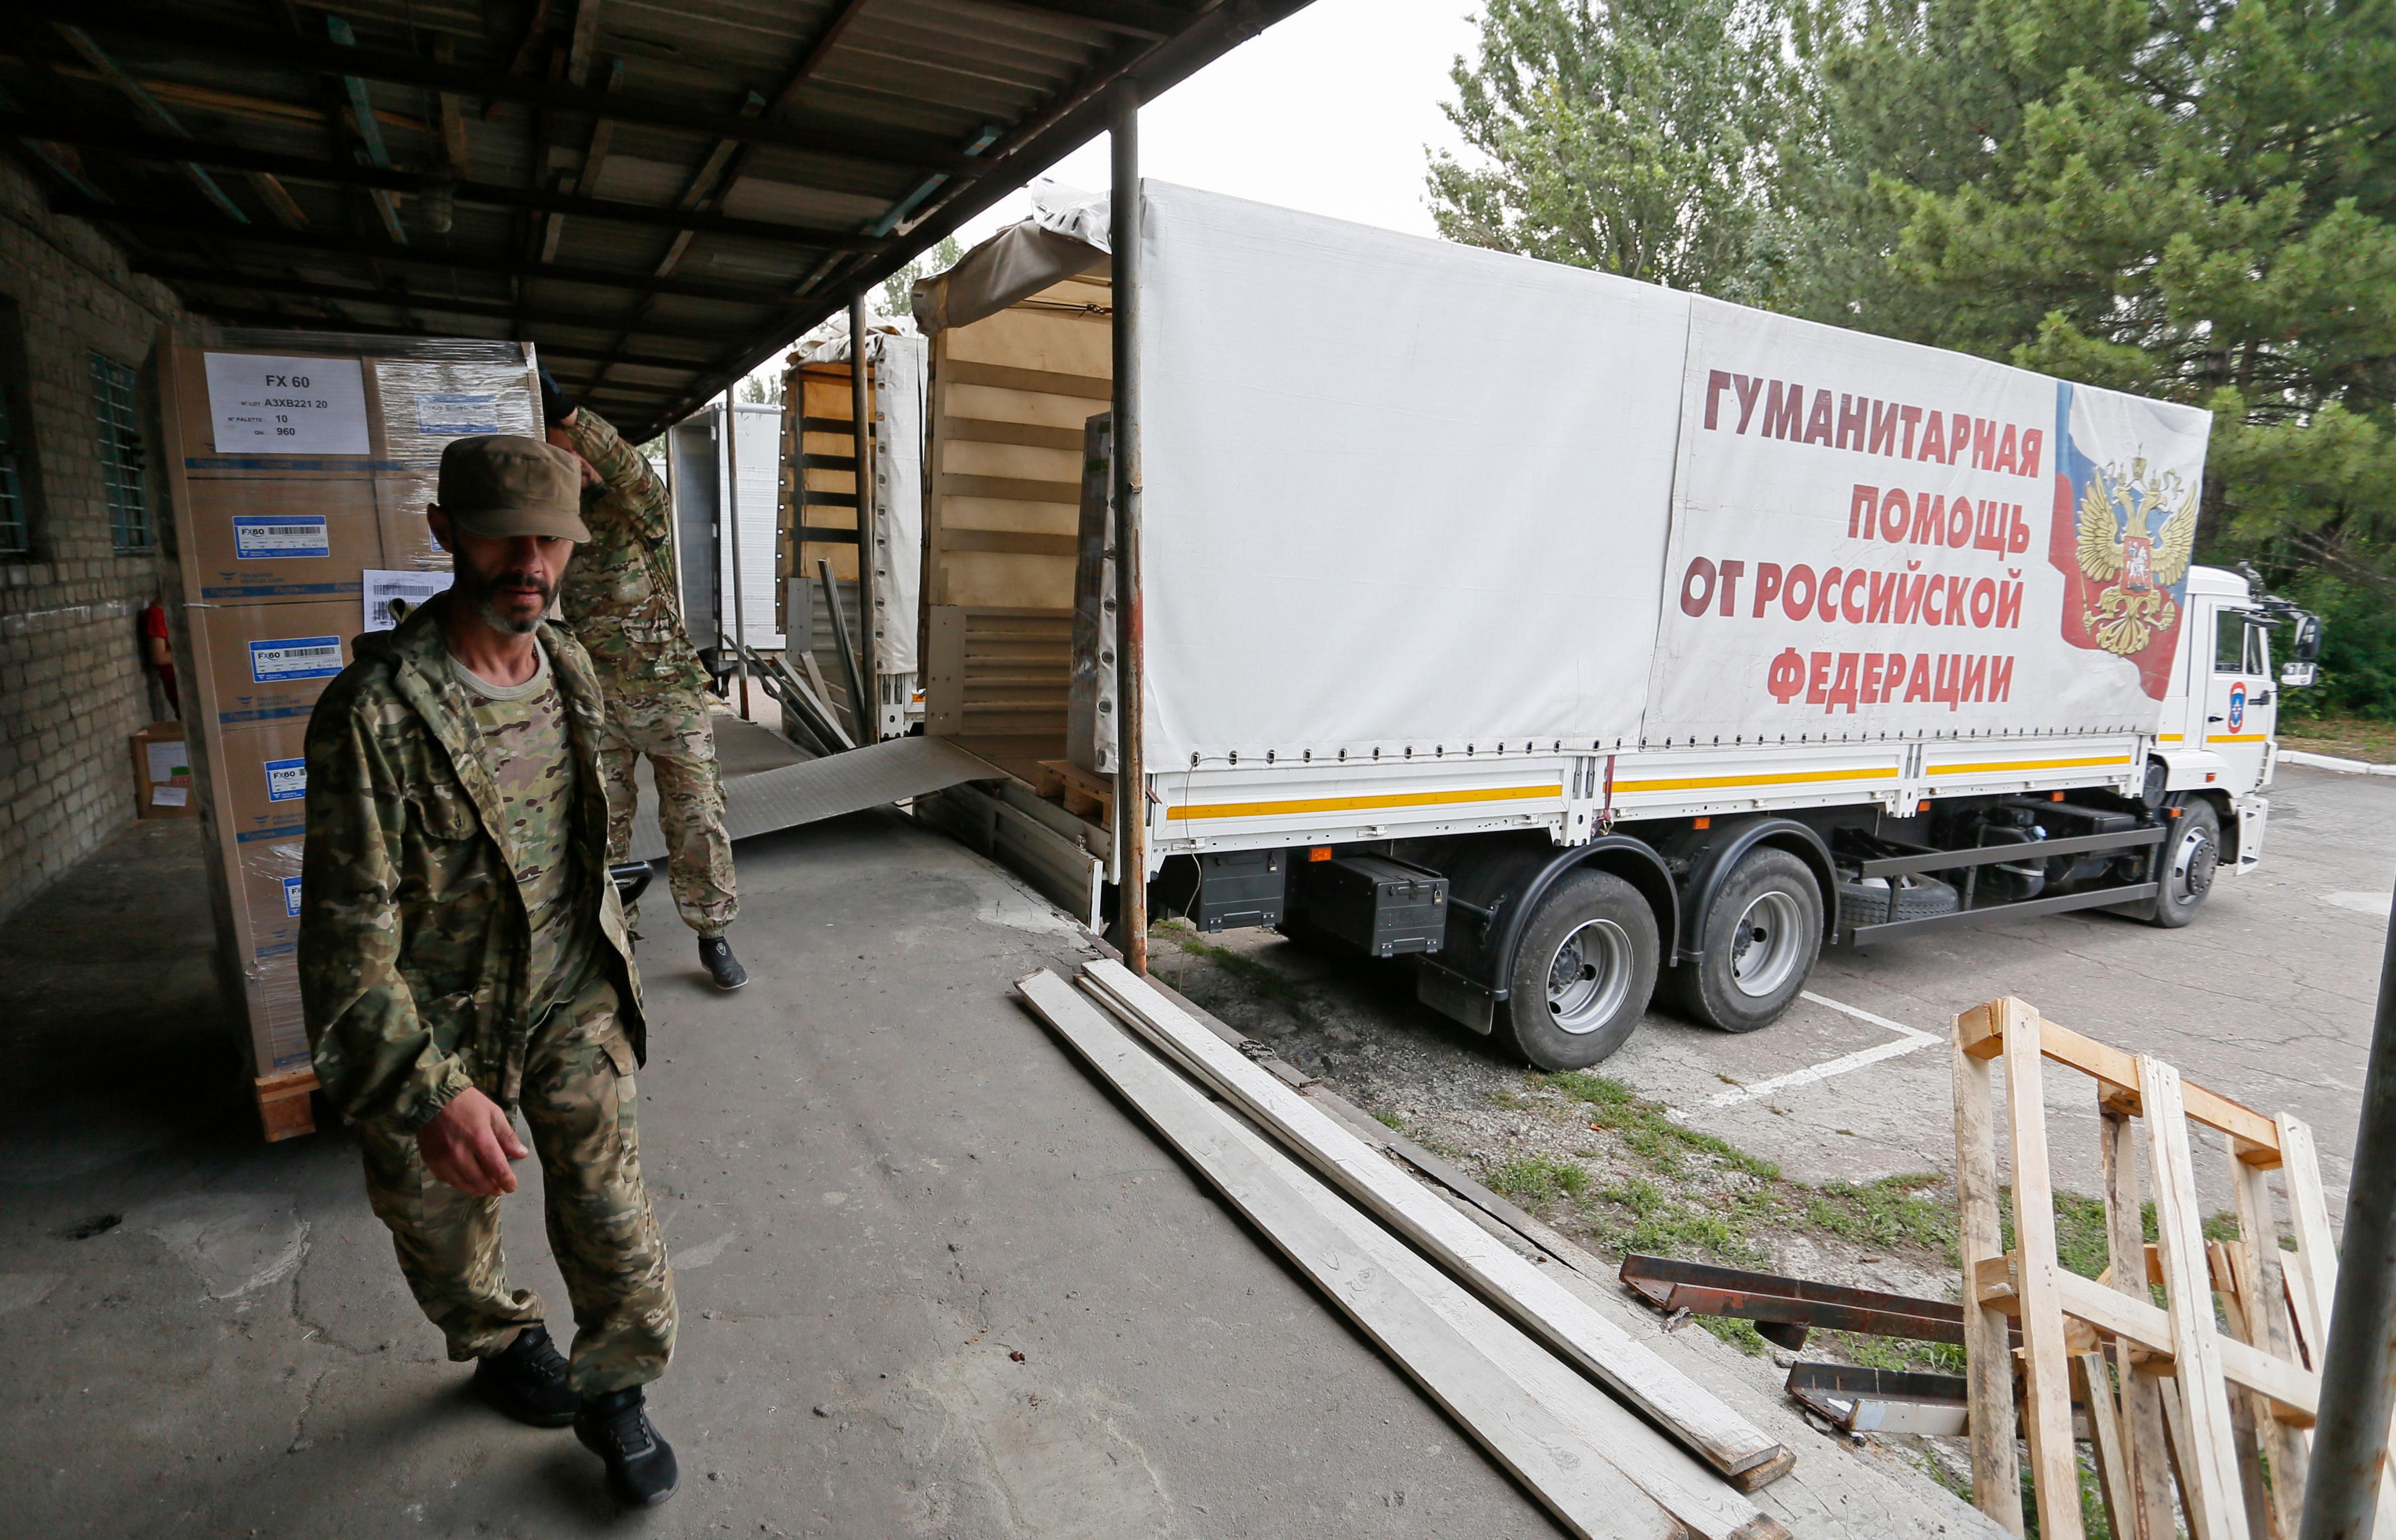 Украина направила России ноту протеста из-за гуманитарной помощи Донбассу